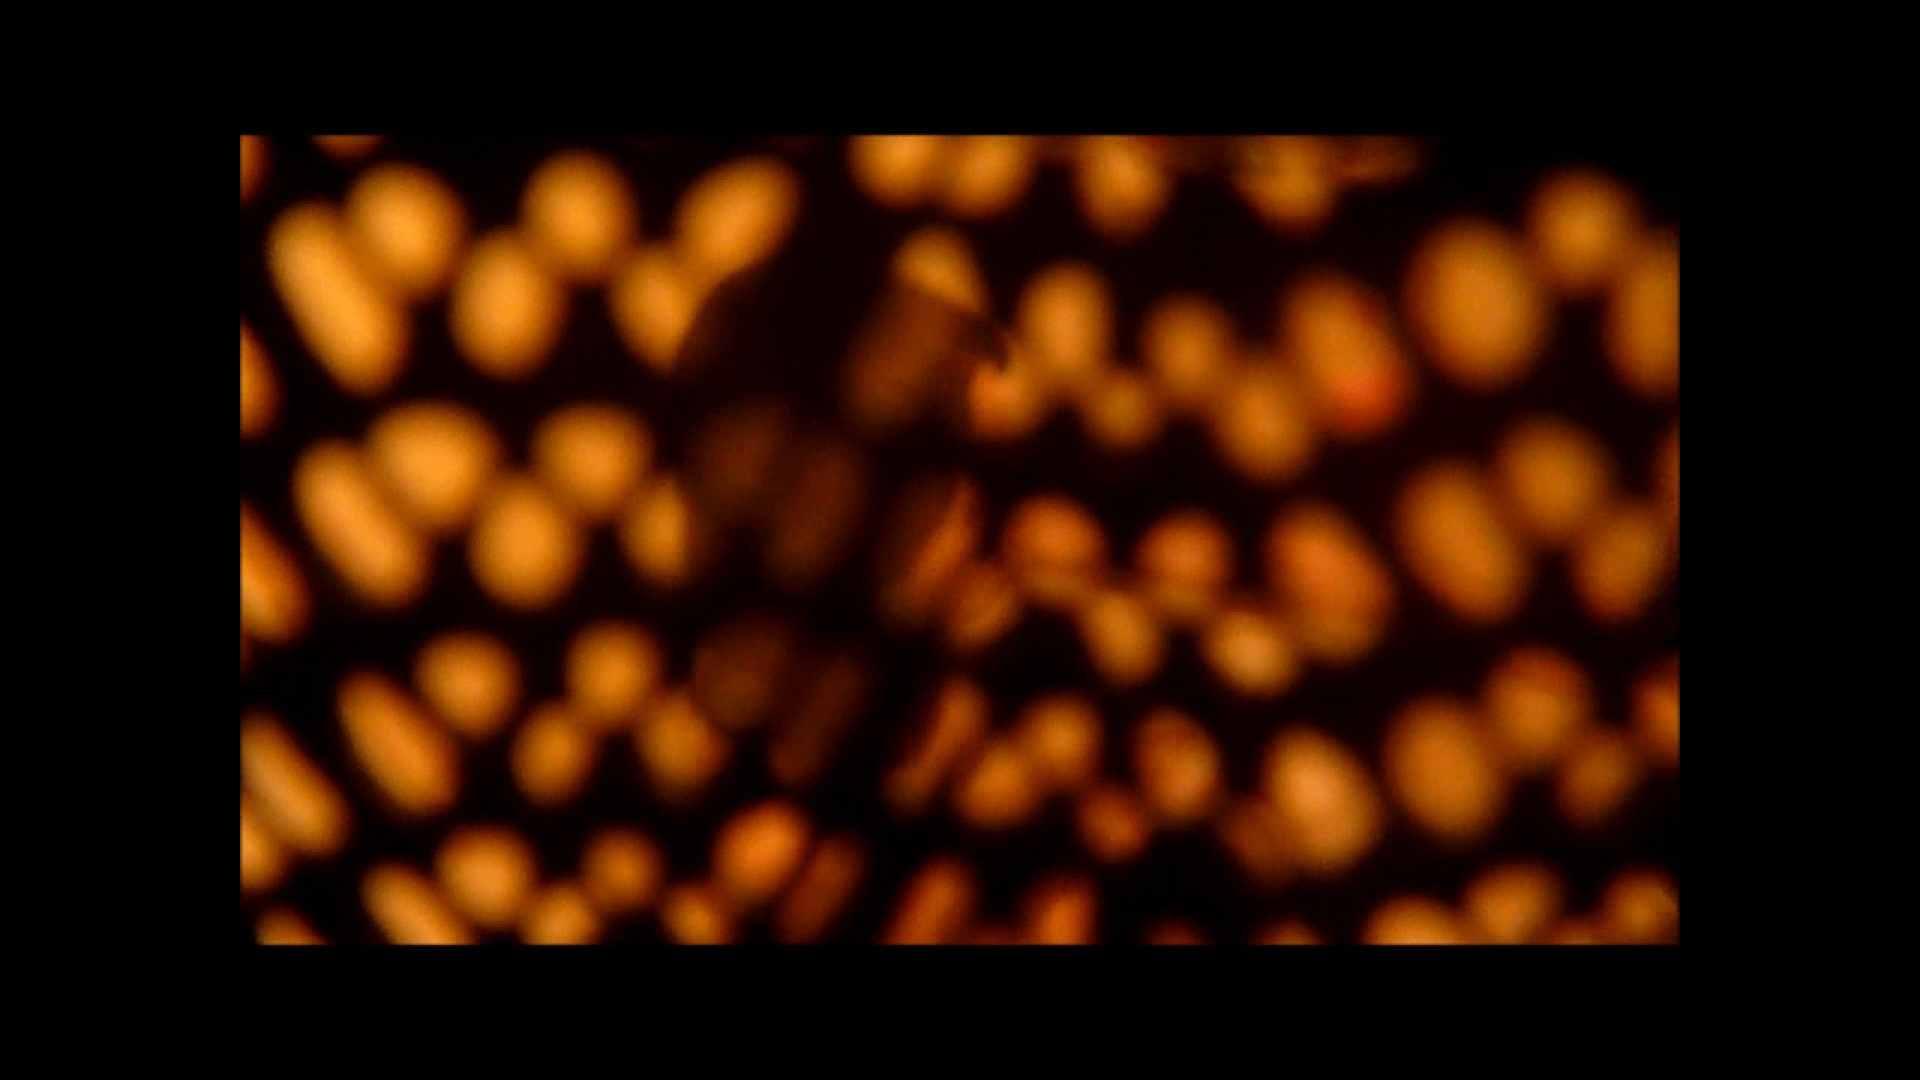 【02】ベランダに侵入して張り込みを始めて・・・やっと結果が出ました。 家宅侵入 | 0  82画像 47